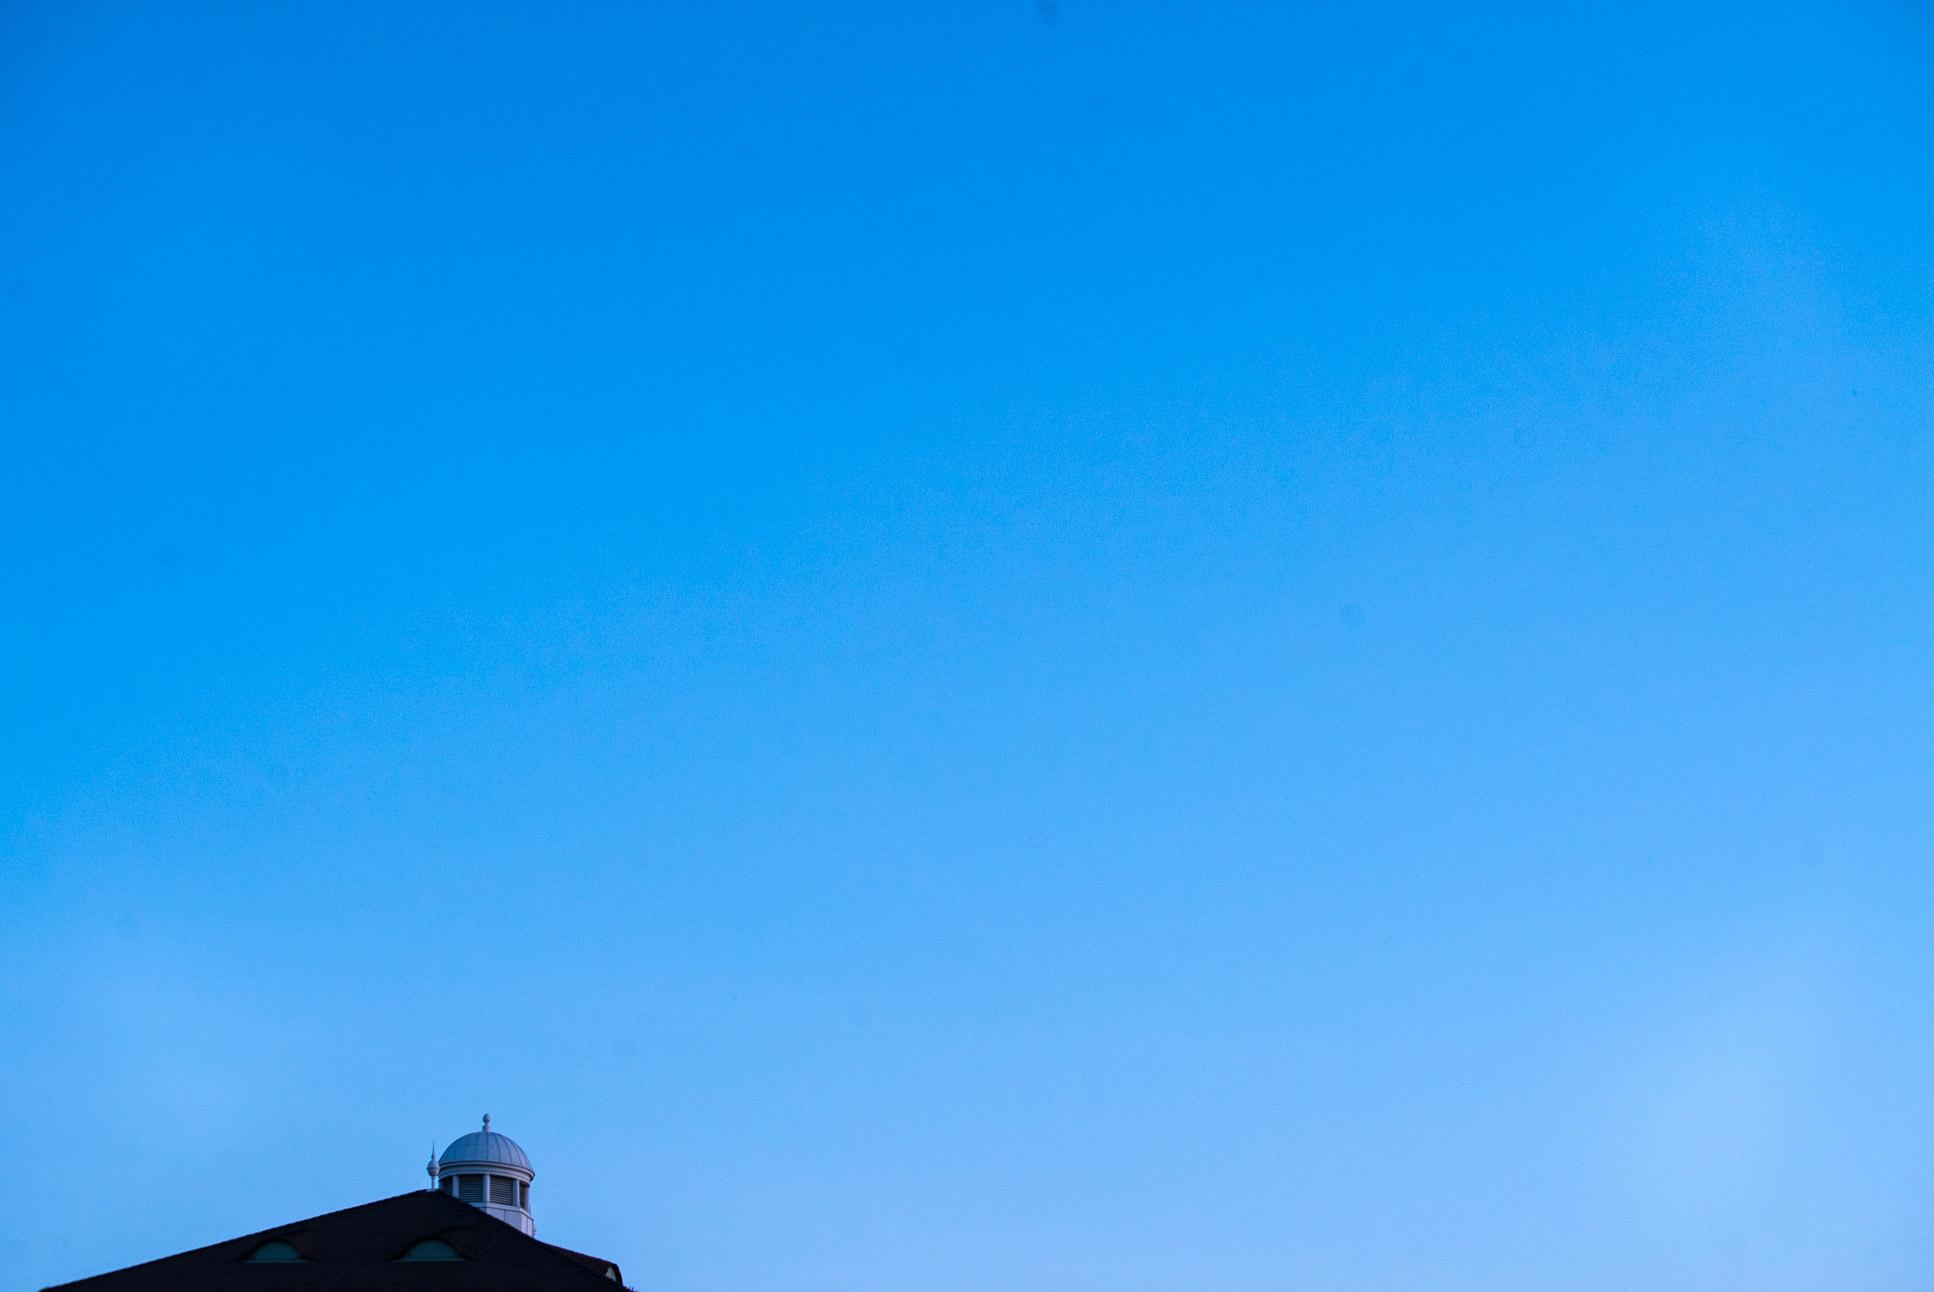 Blue skies above Vienna